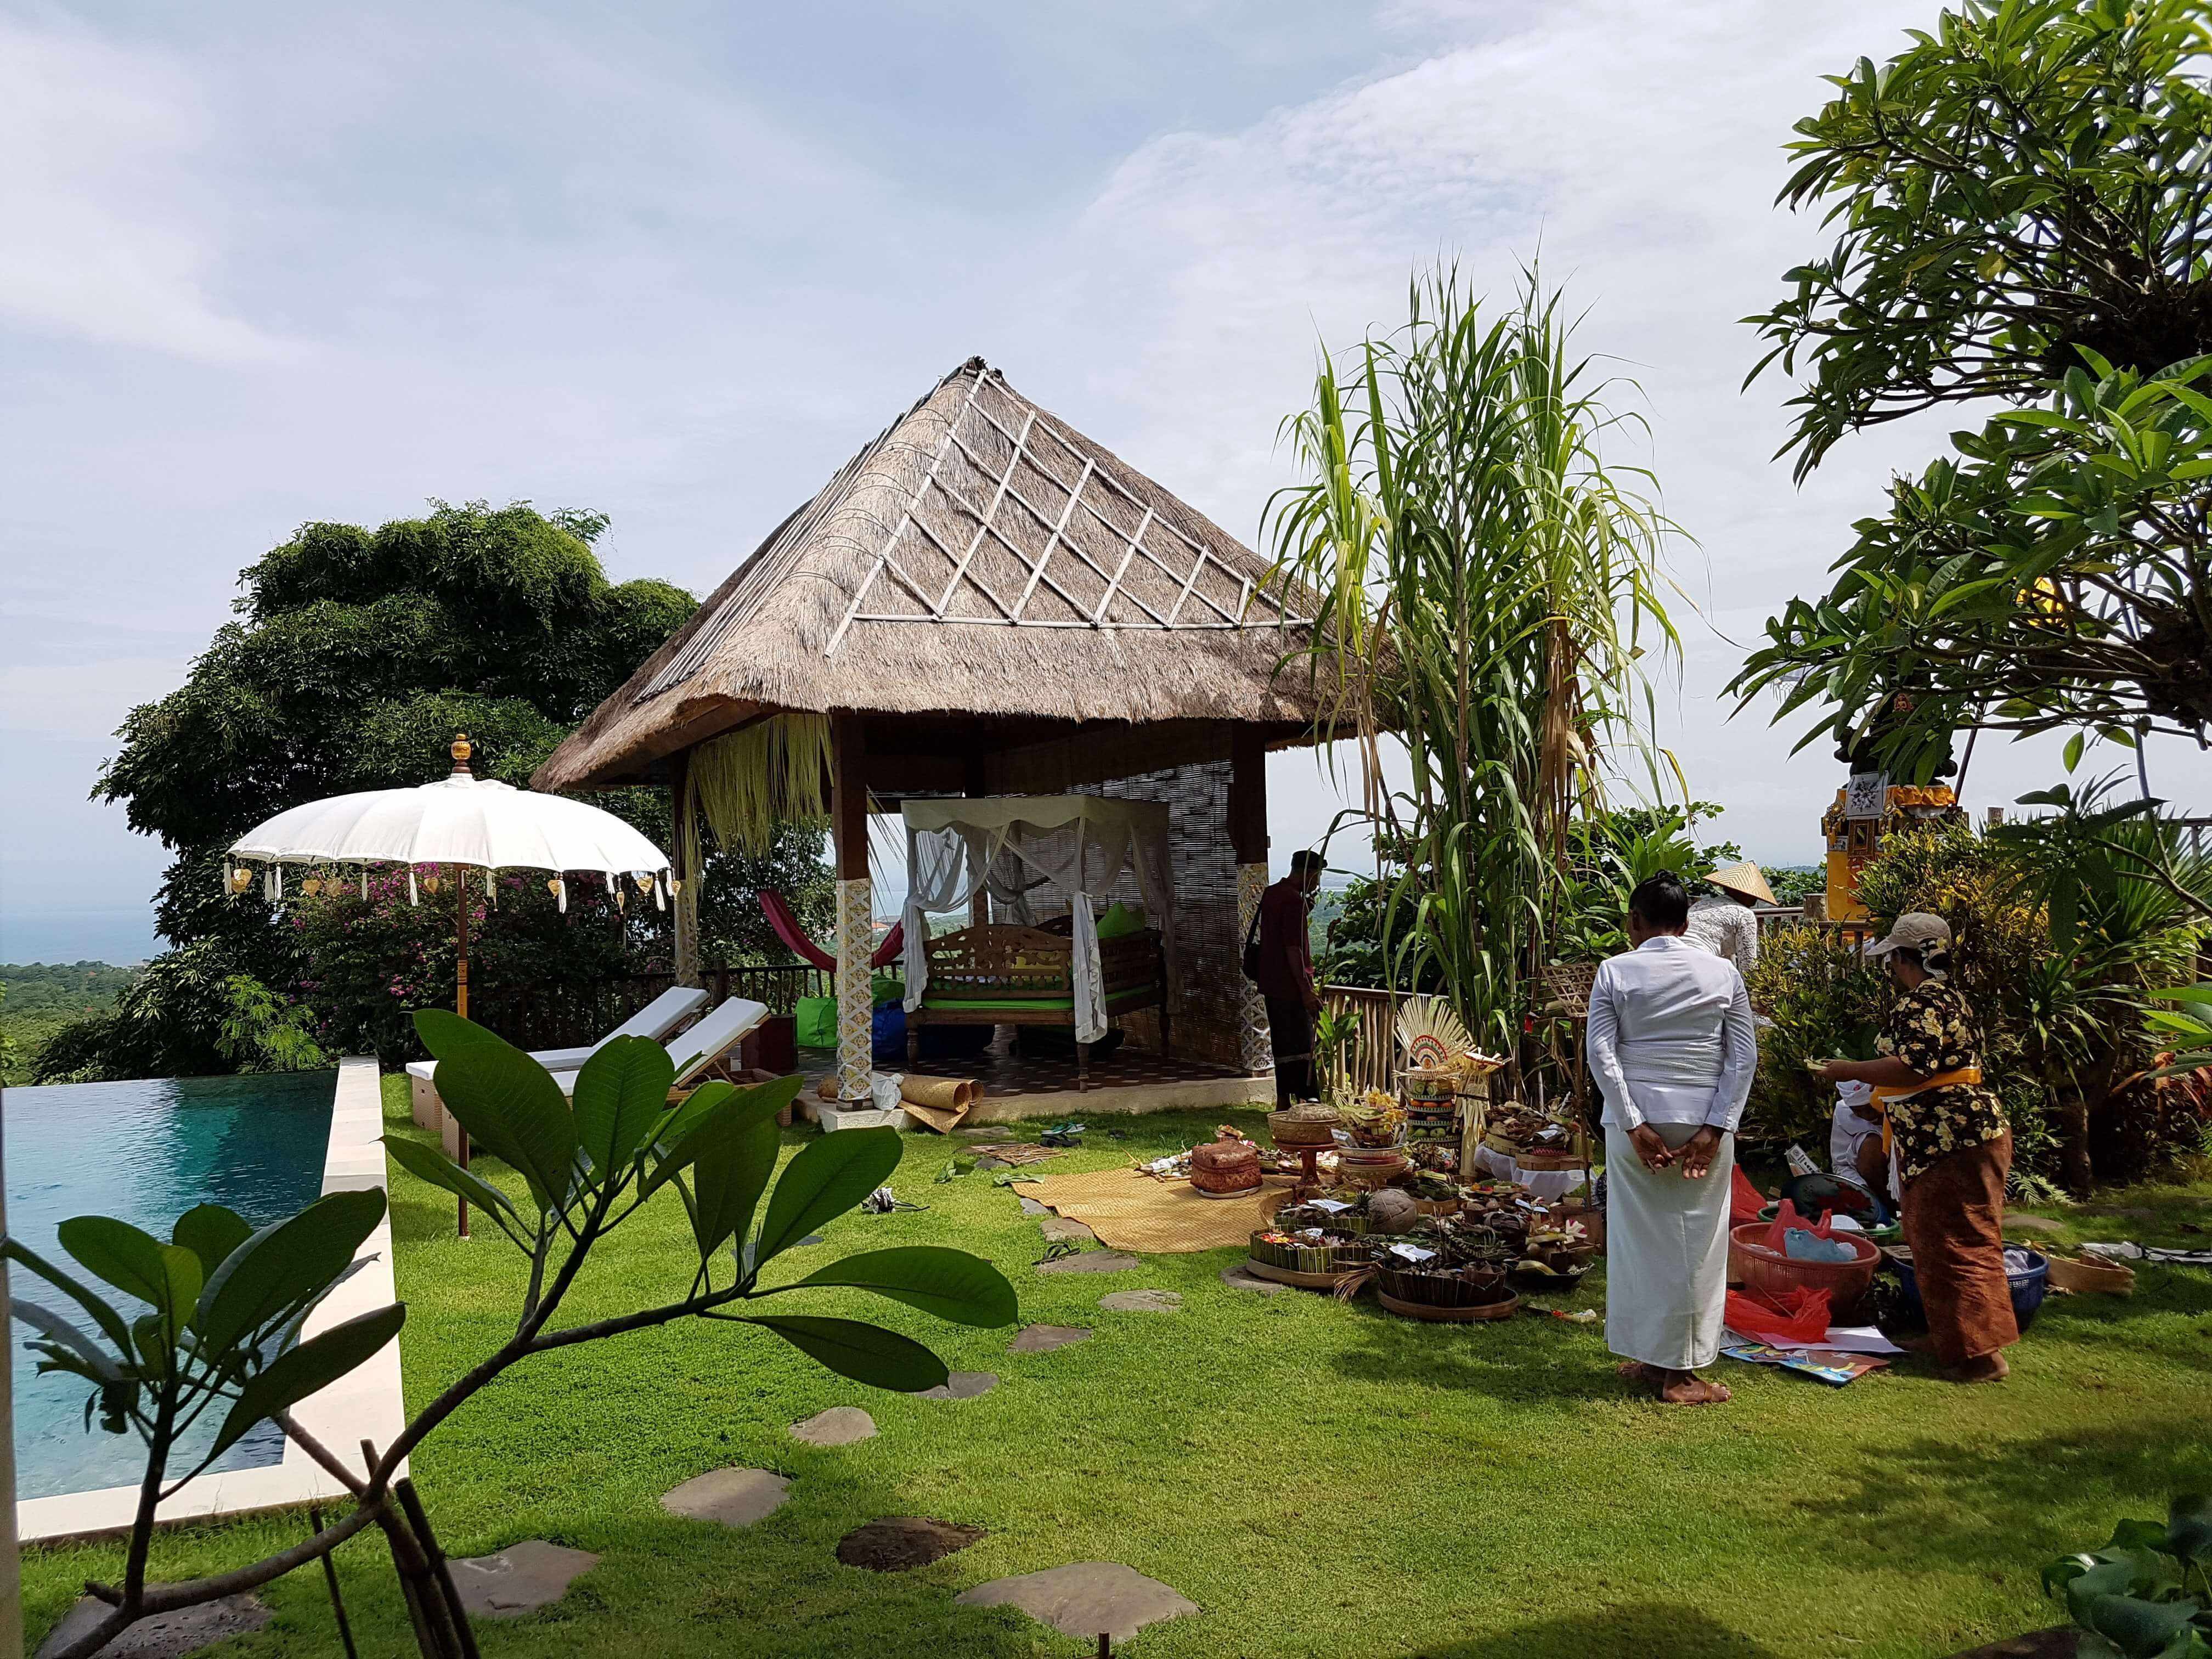 Hütte und Menschen auf Bali